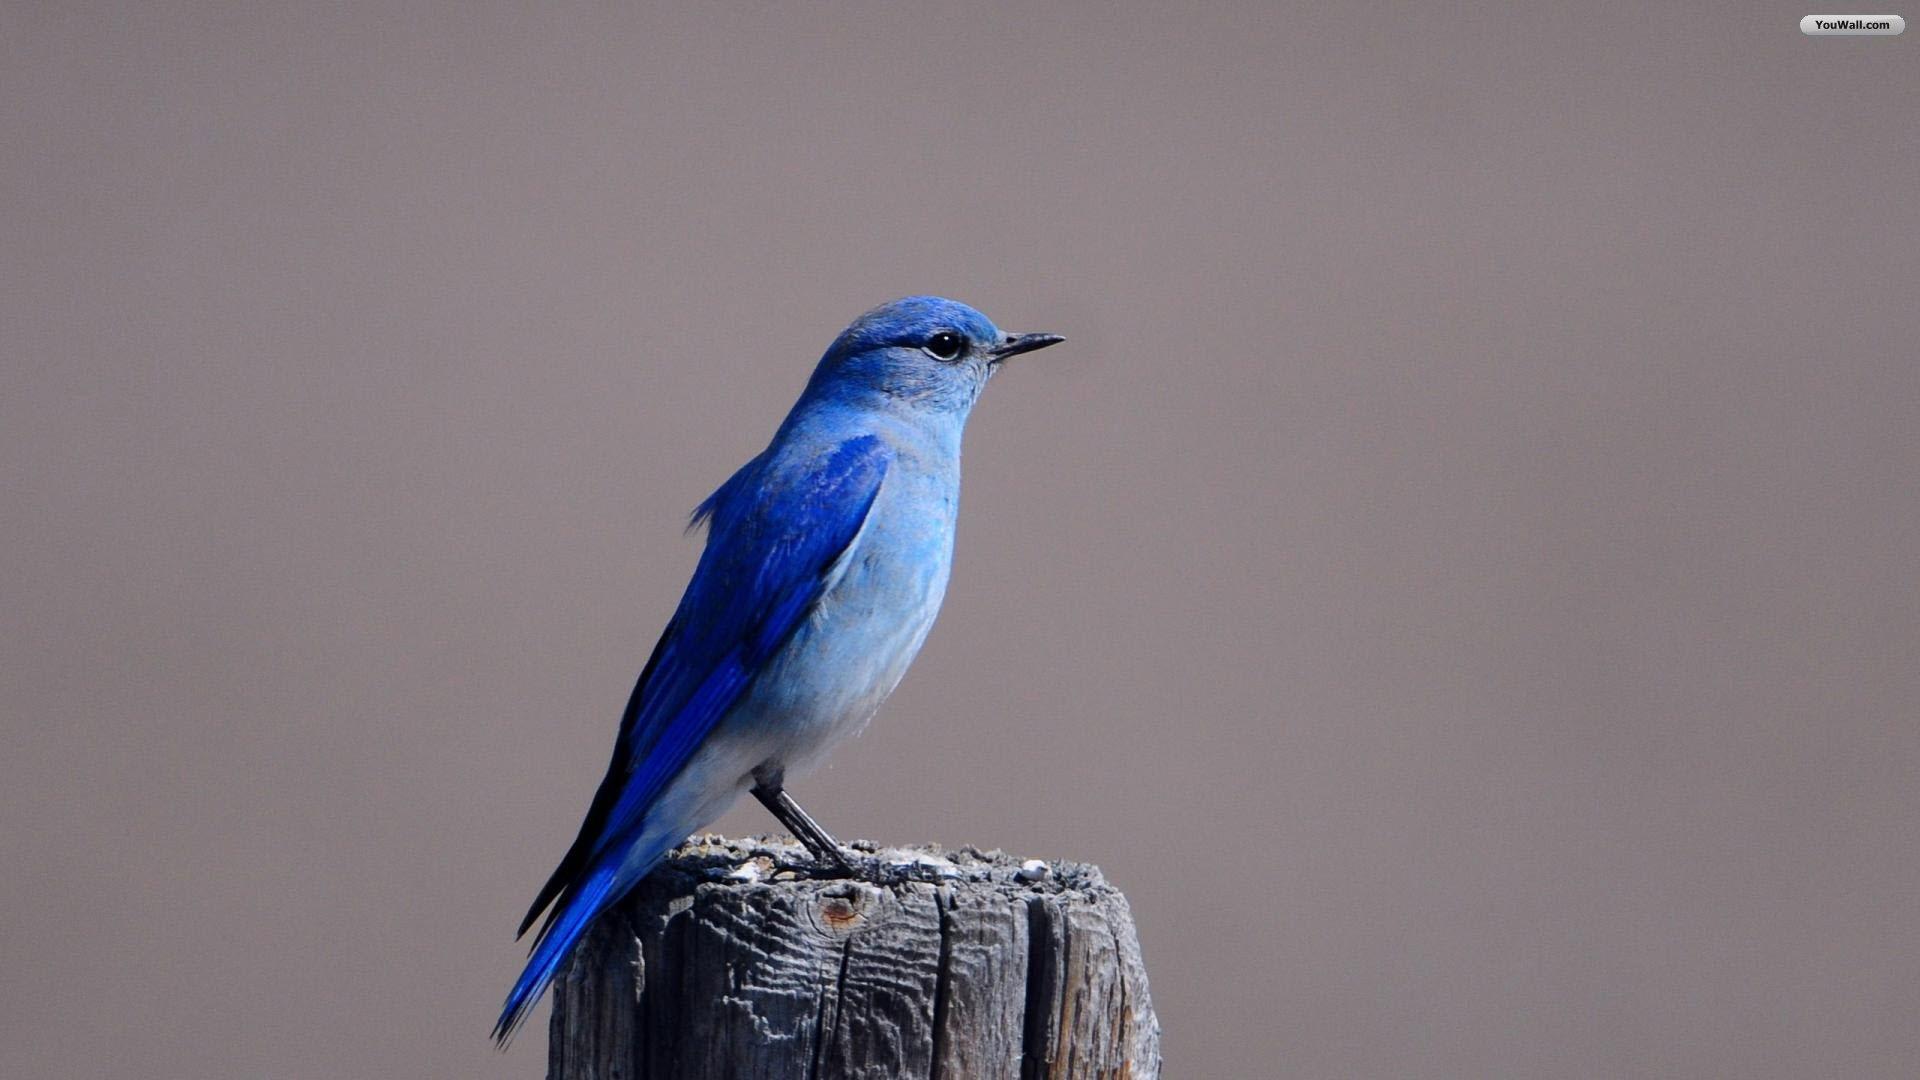 YouWall   Blue Bird Wallpaper   wallpaperwallpapersfree wallpaper 1920x1080